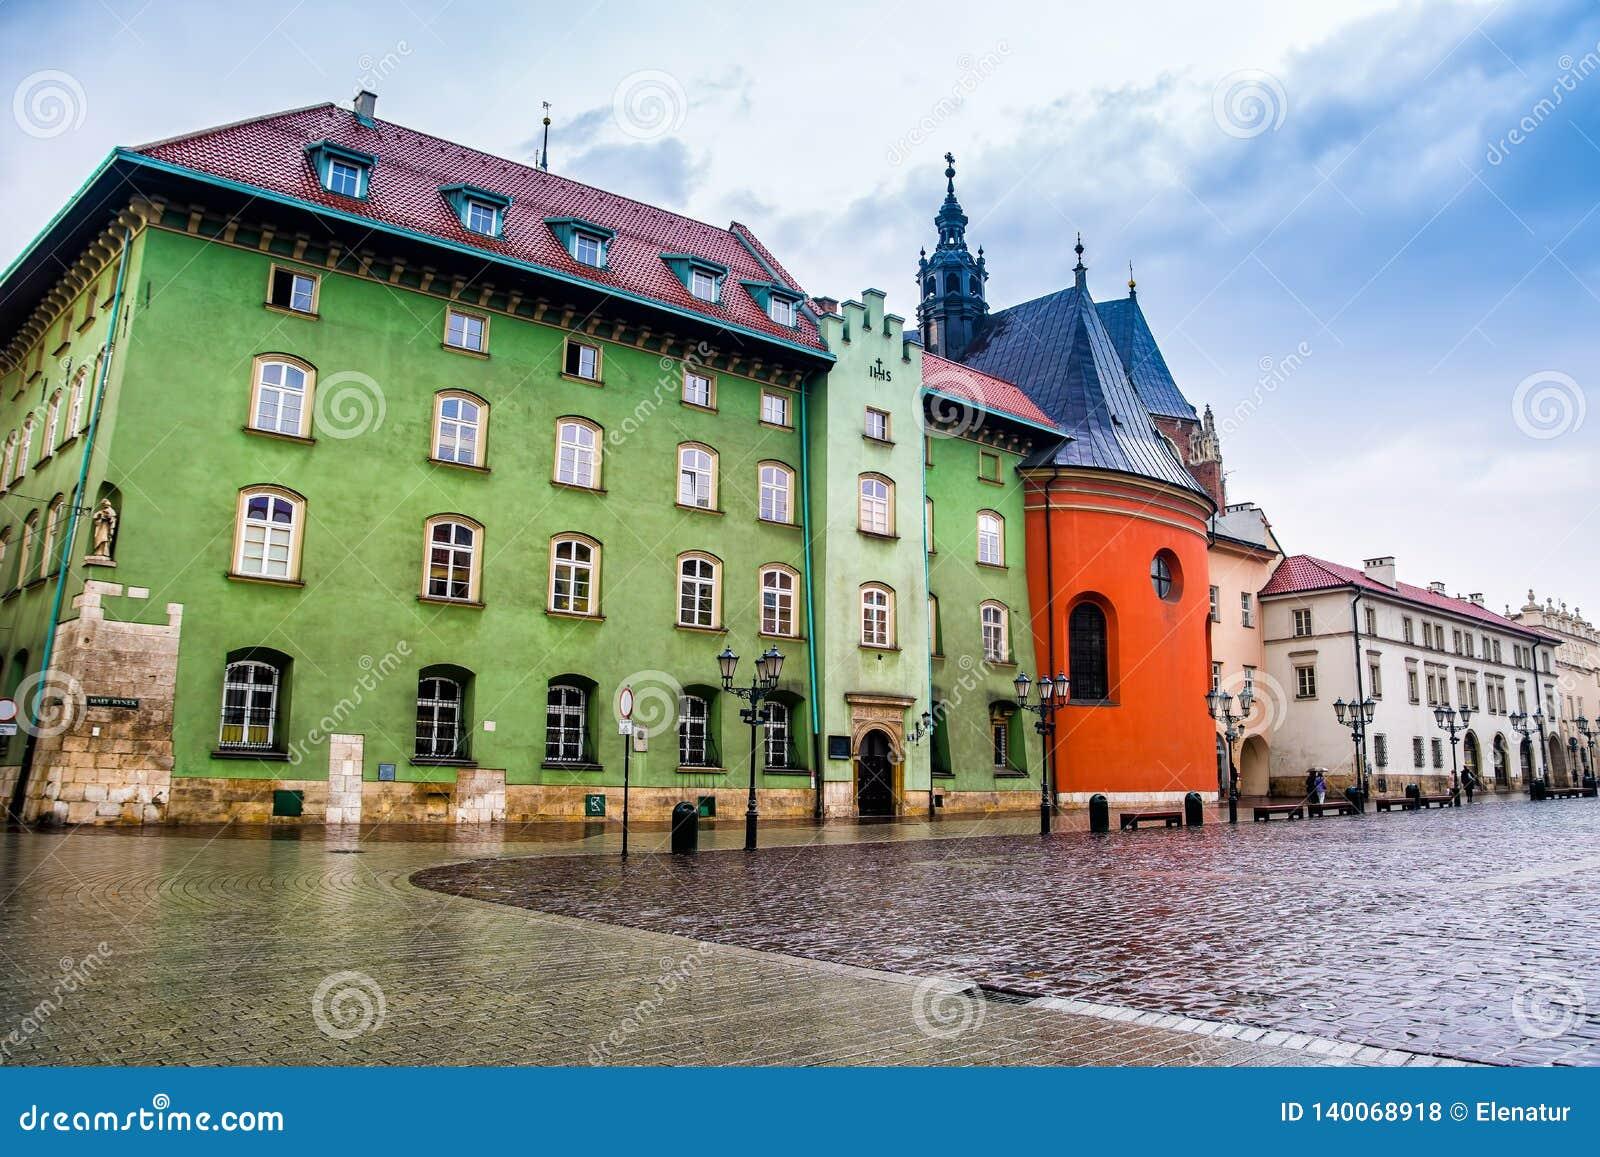 Krakau, Krakau, Polen - 12. April 2016 Der regnerische Tag in der alten Stadt Krakau Historische Mitte Krakaus - Polens, eine Sta